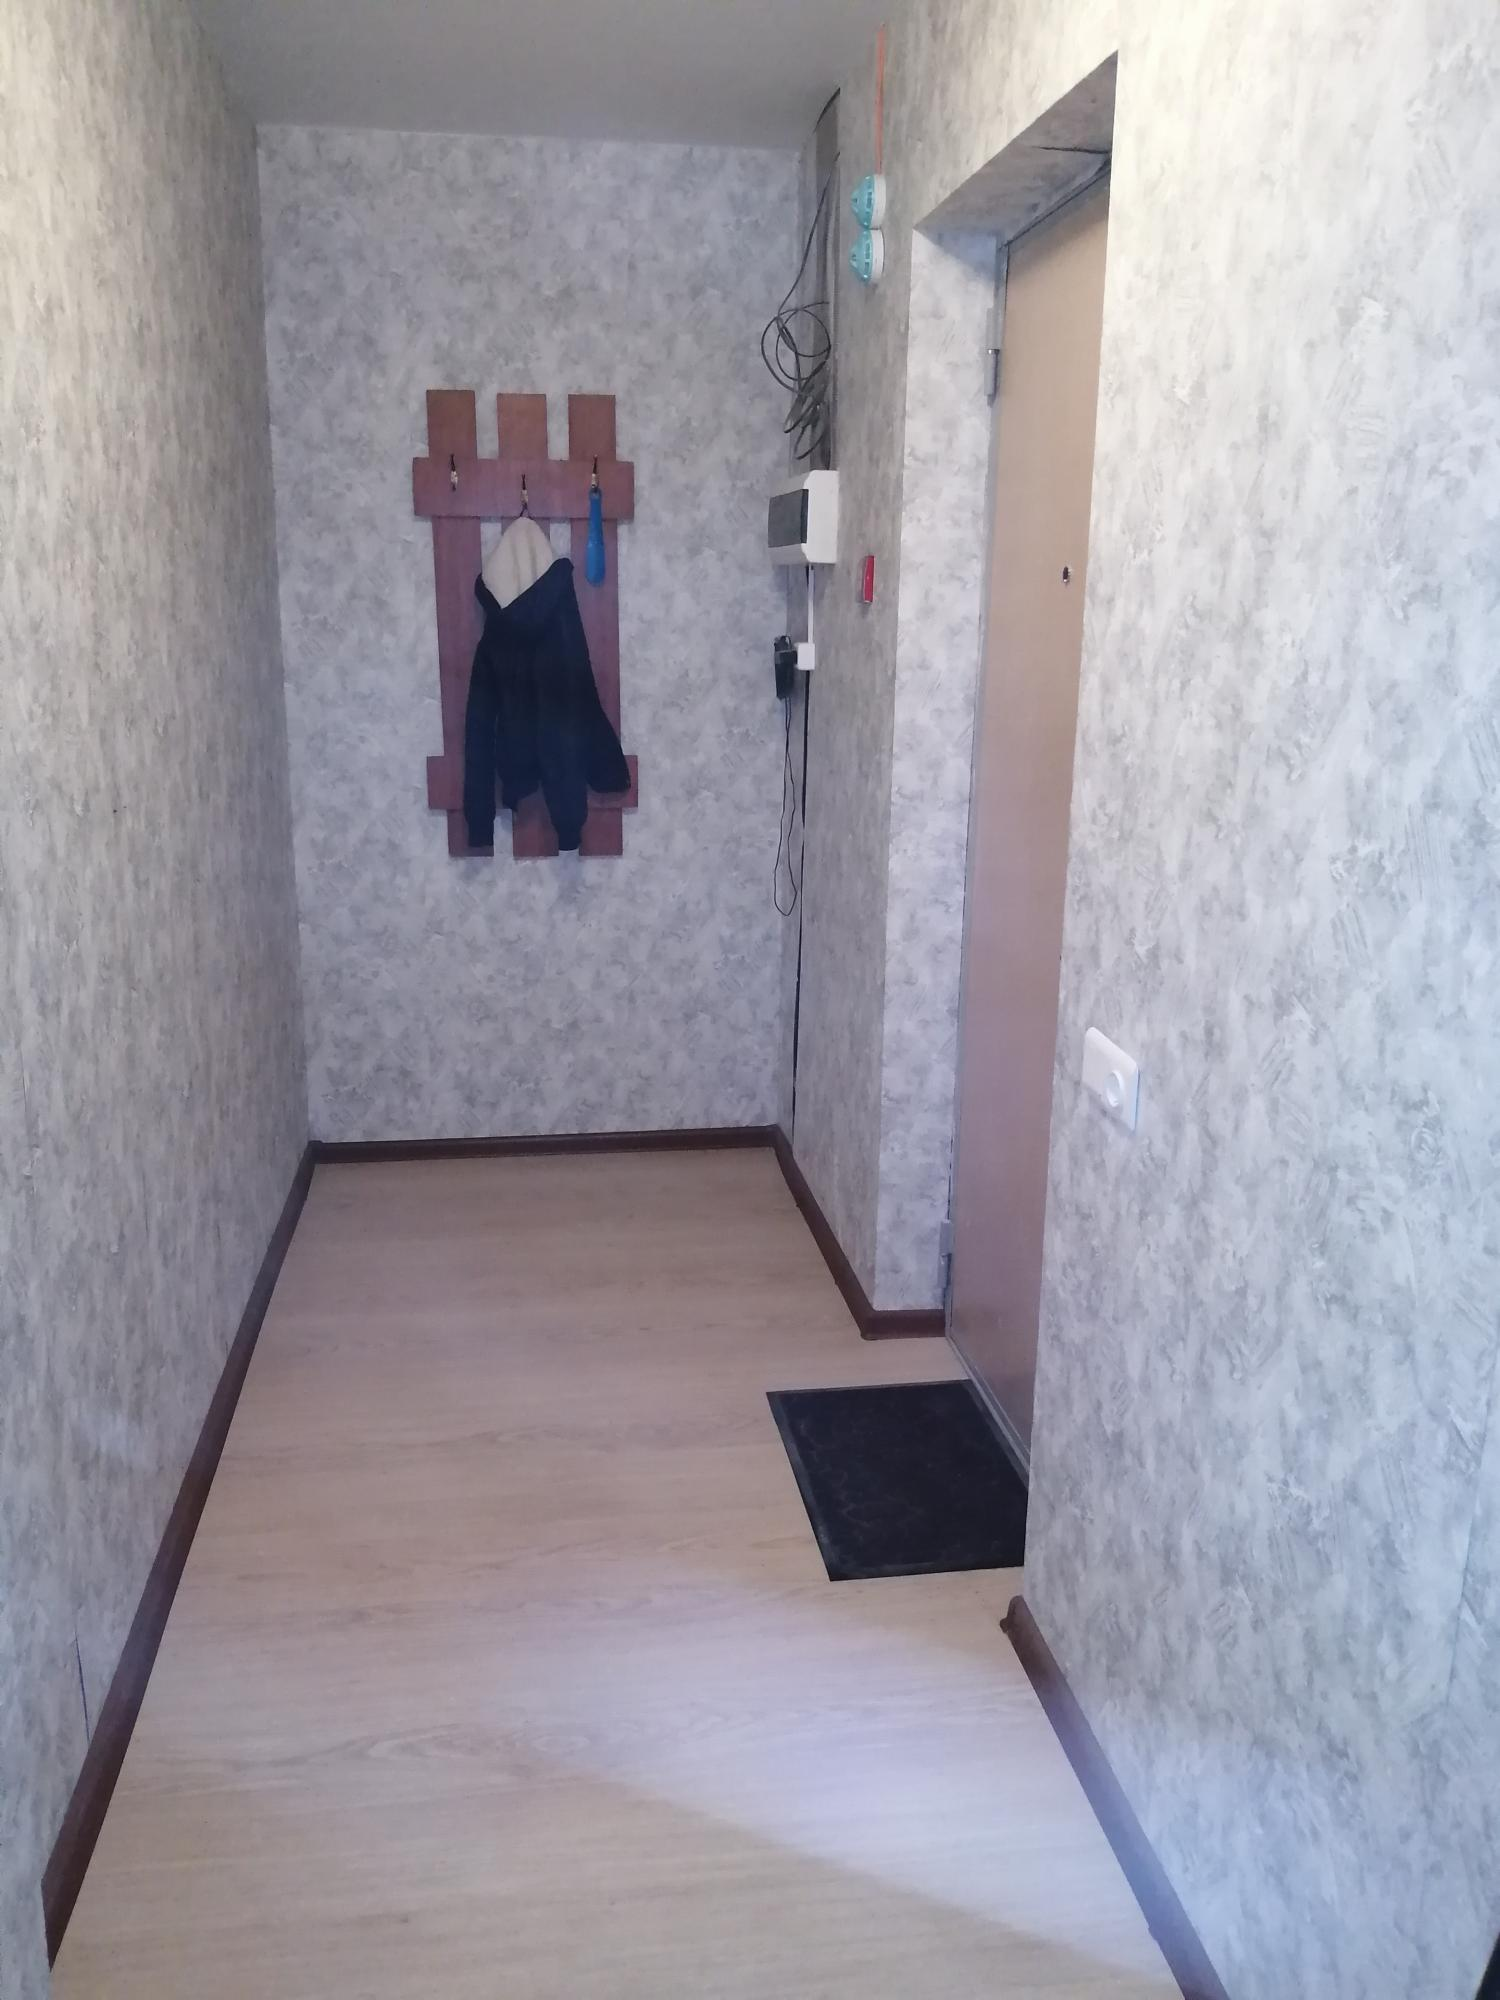 Квартира, 1 комната, 38 м² в Красково 89167750489 купить 10